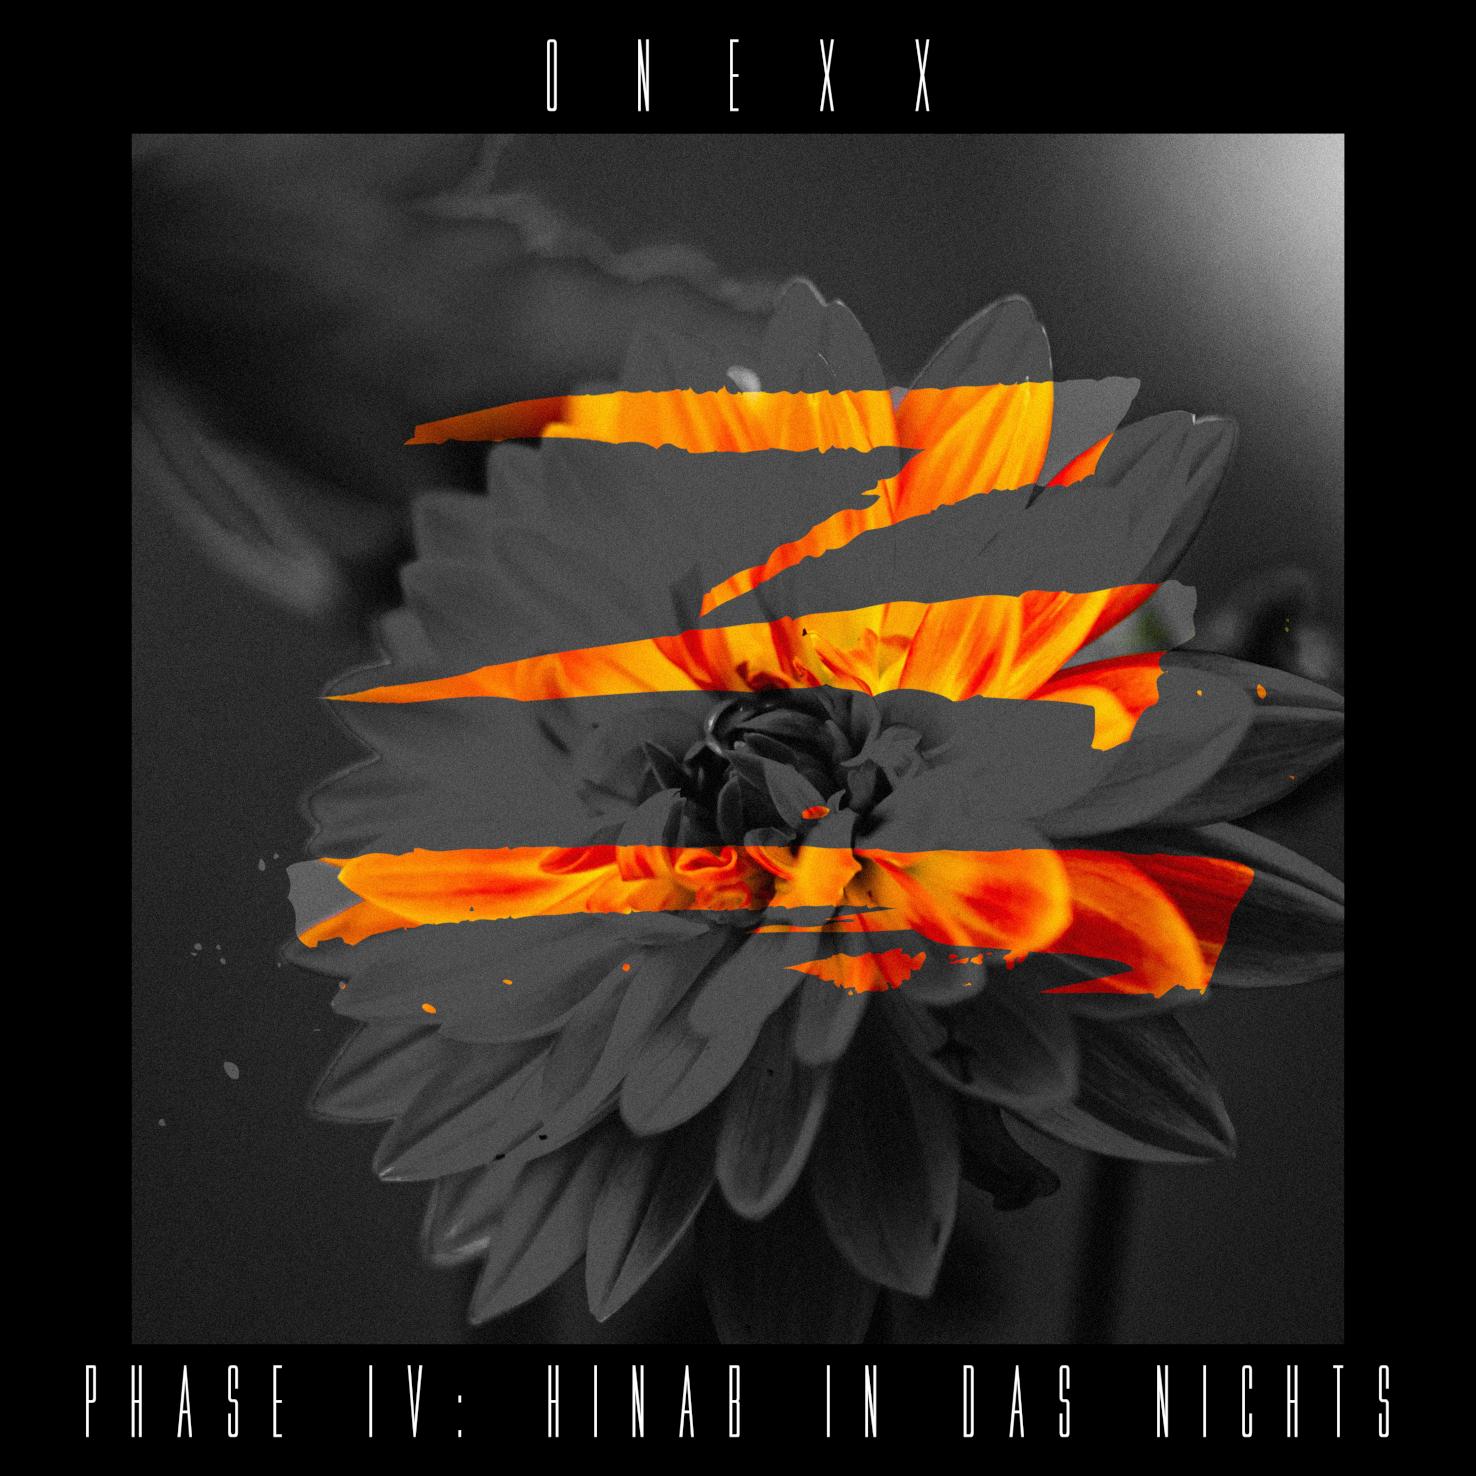 """ONEXX – """"Phase IV: Hinab in das Nichts (EP)"""" (VÖ 20.11.2020)"""